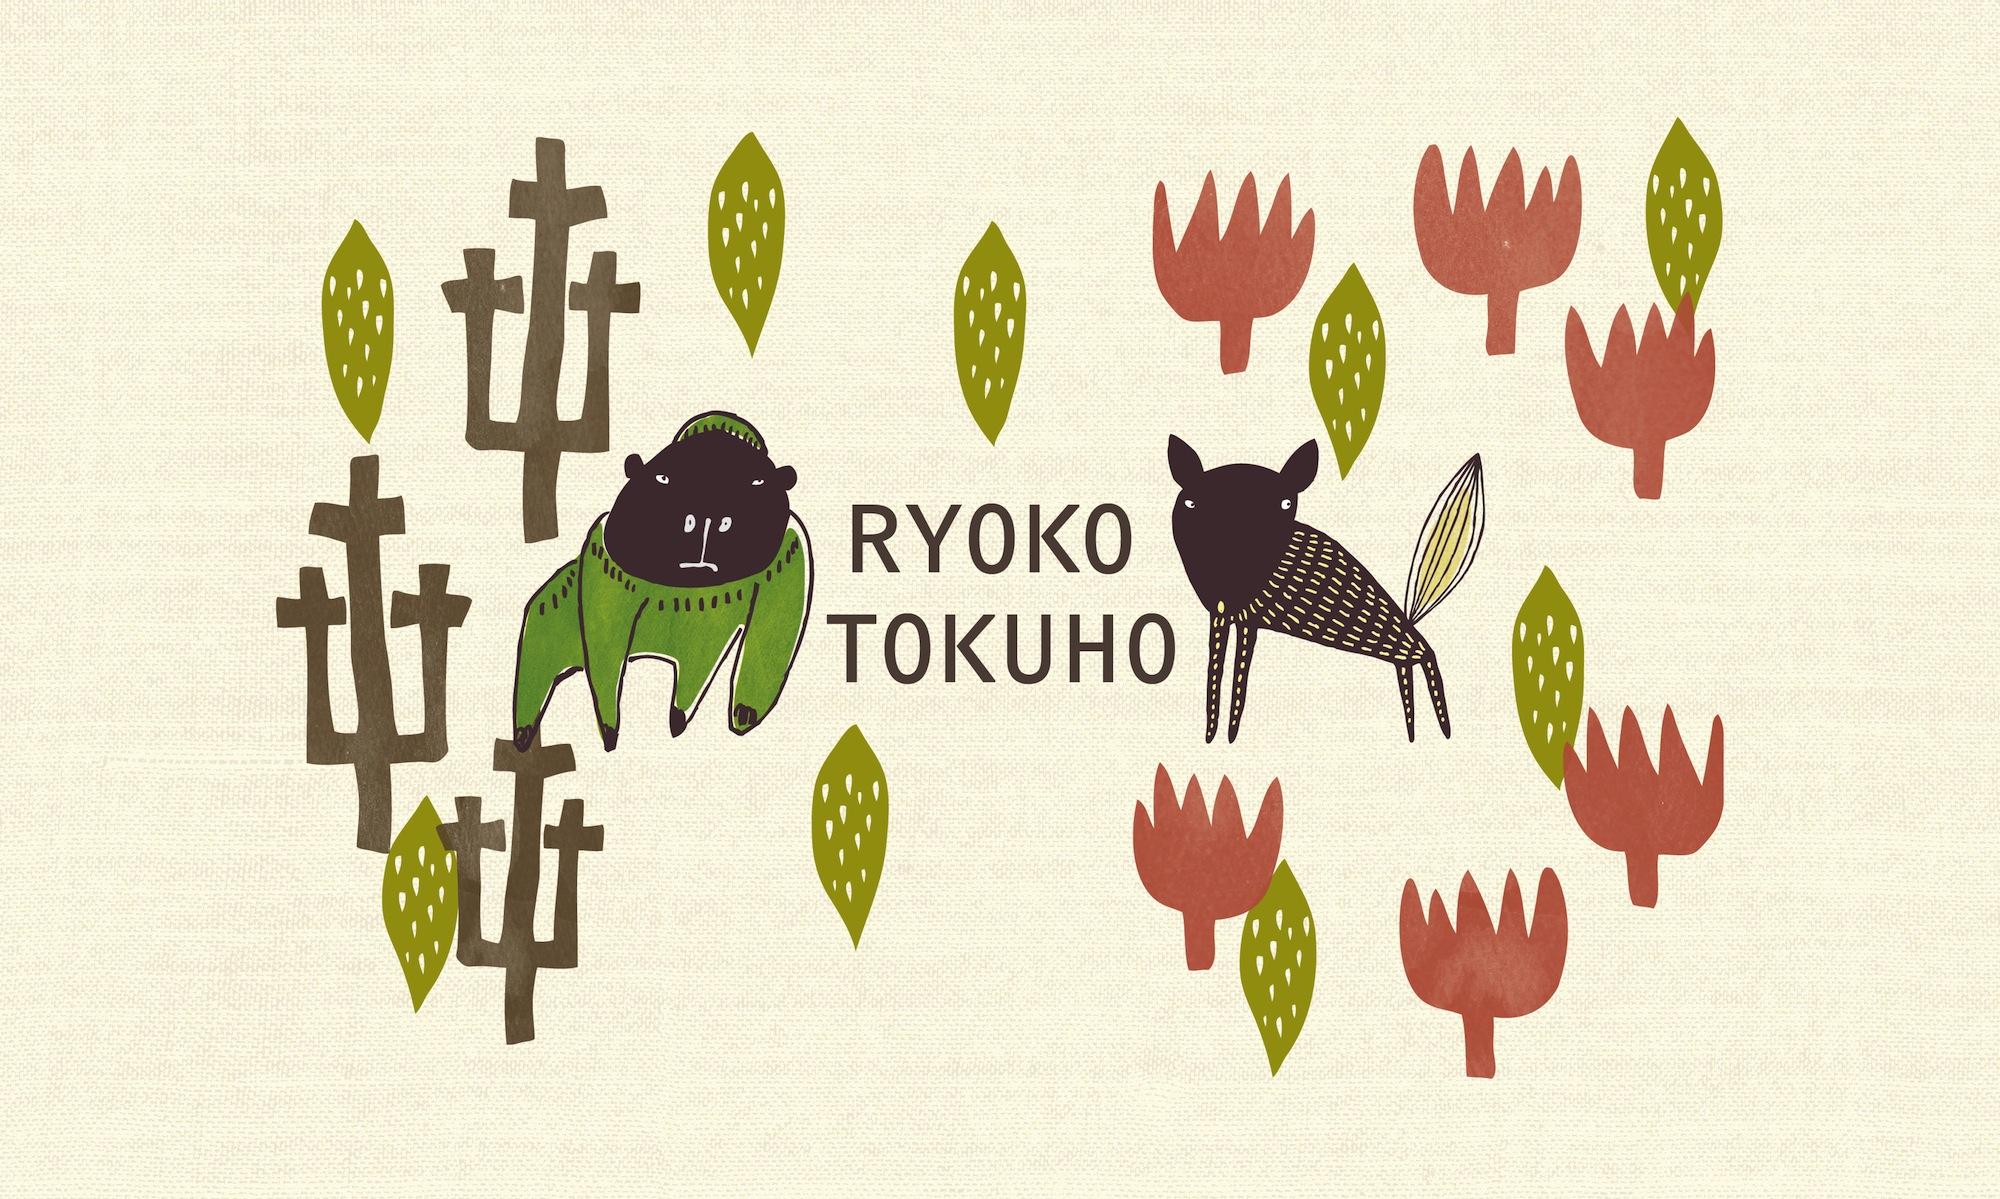 RYOKO TOKUHO